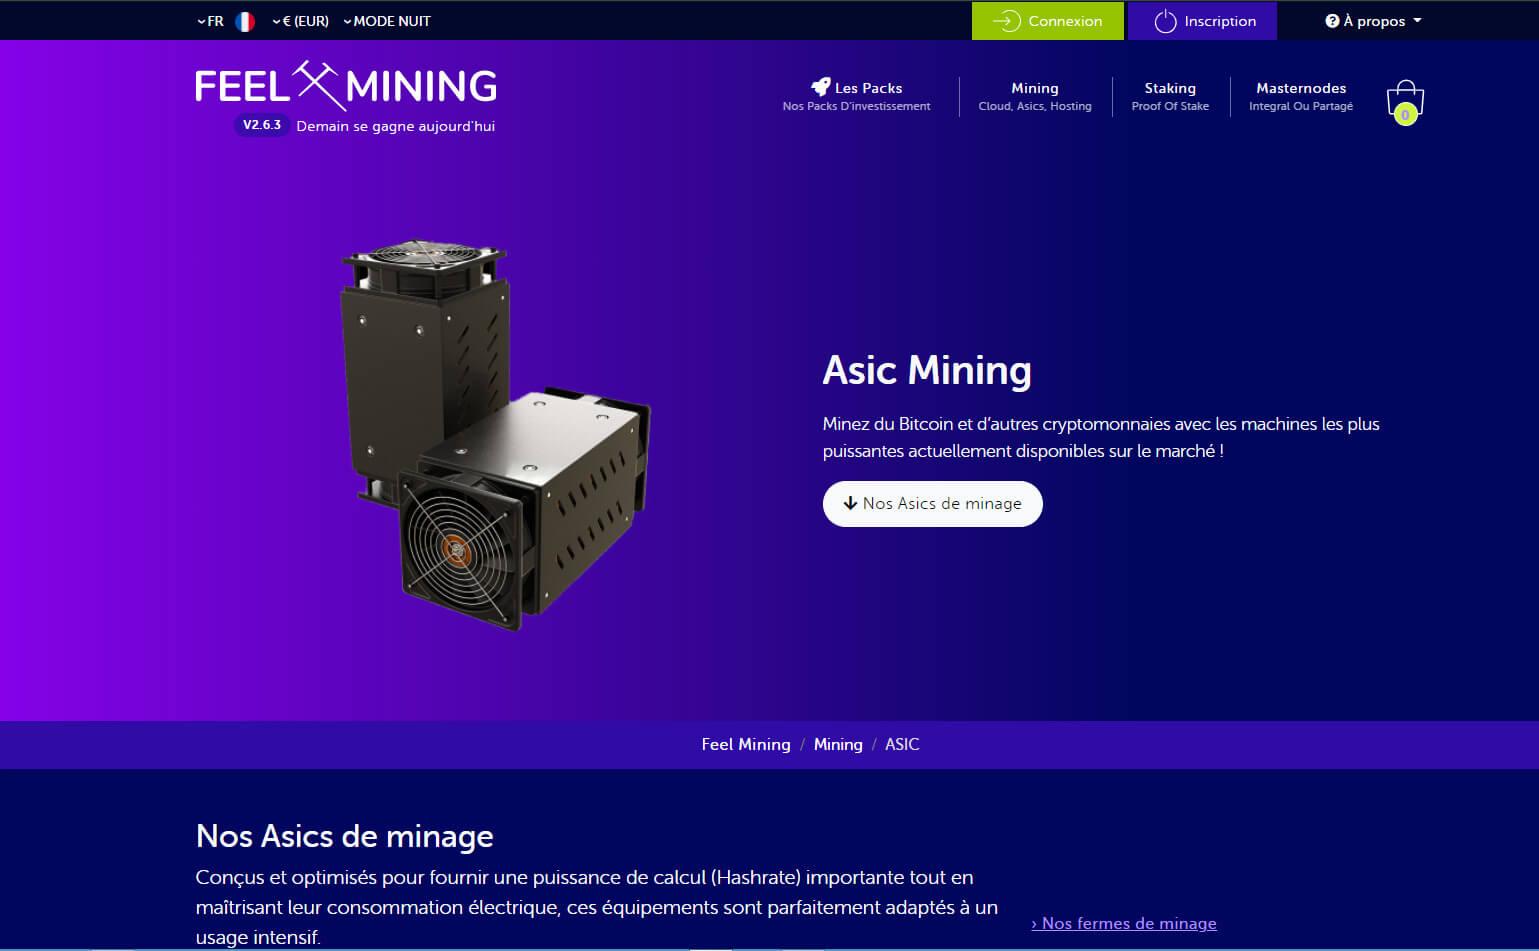 Feel mining propose la vente et l'installation de ASICS pour miner du Bitcoin